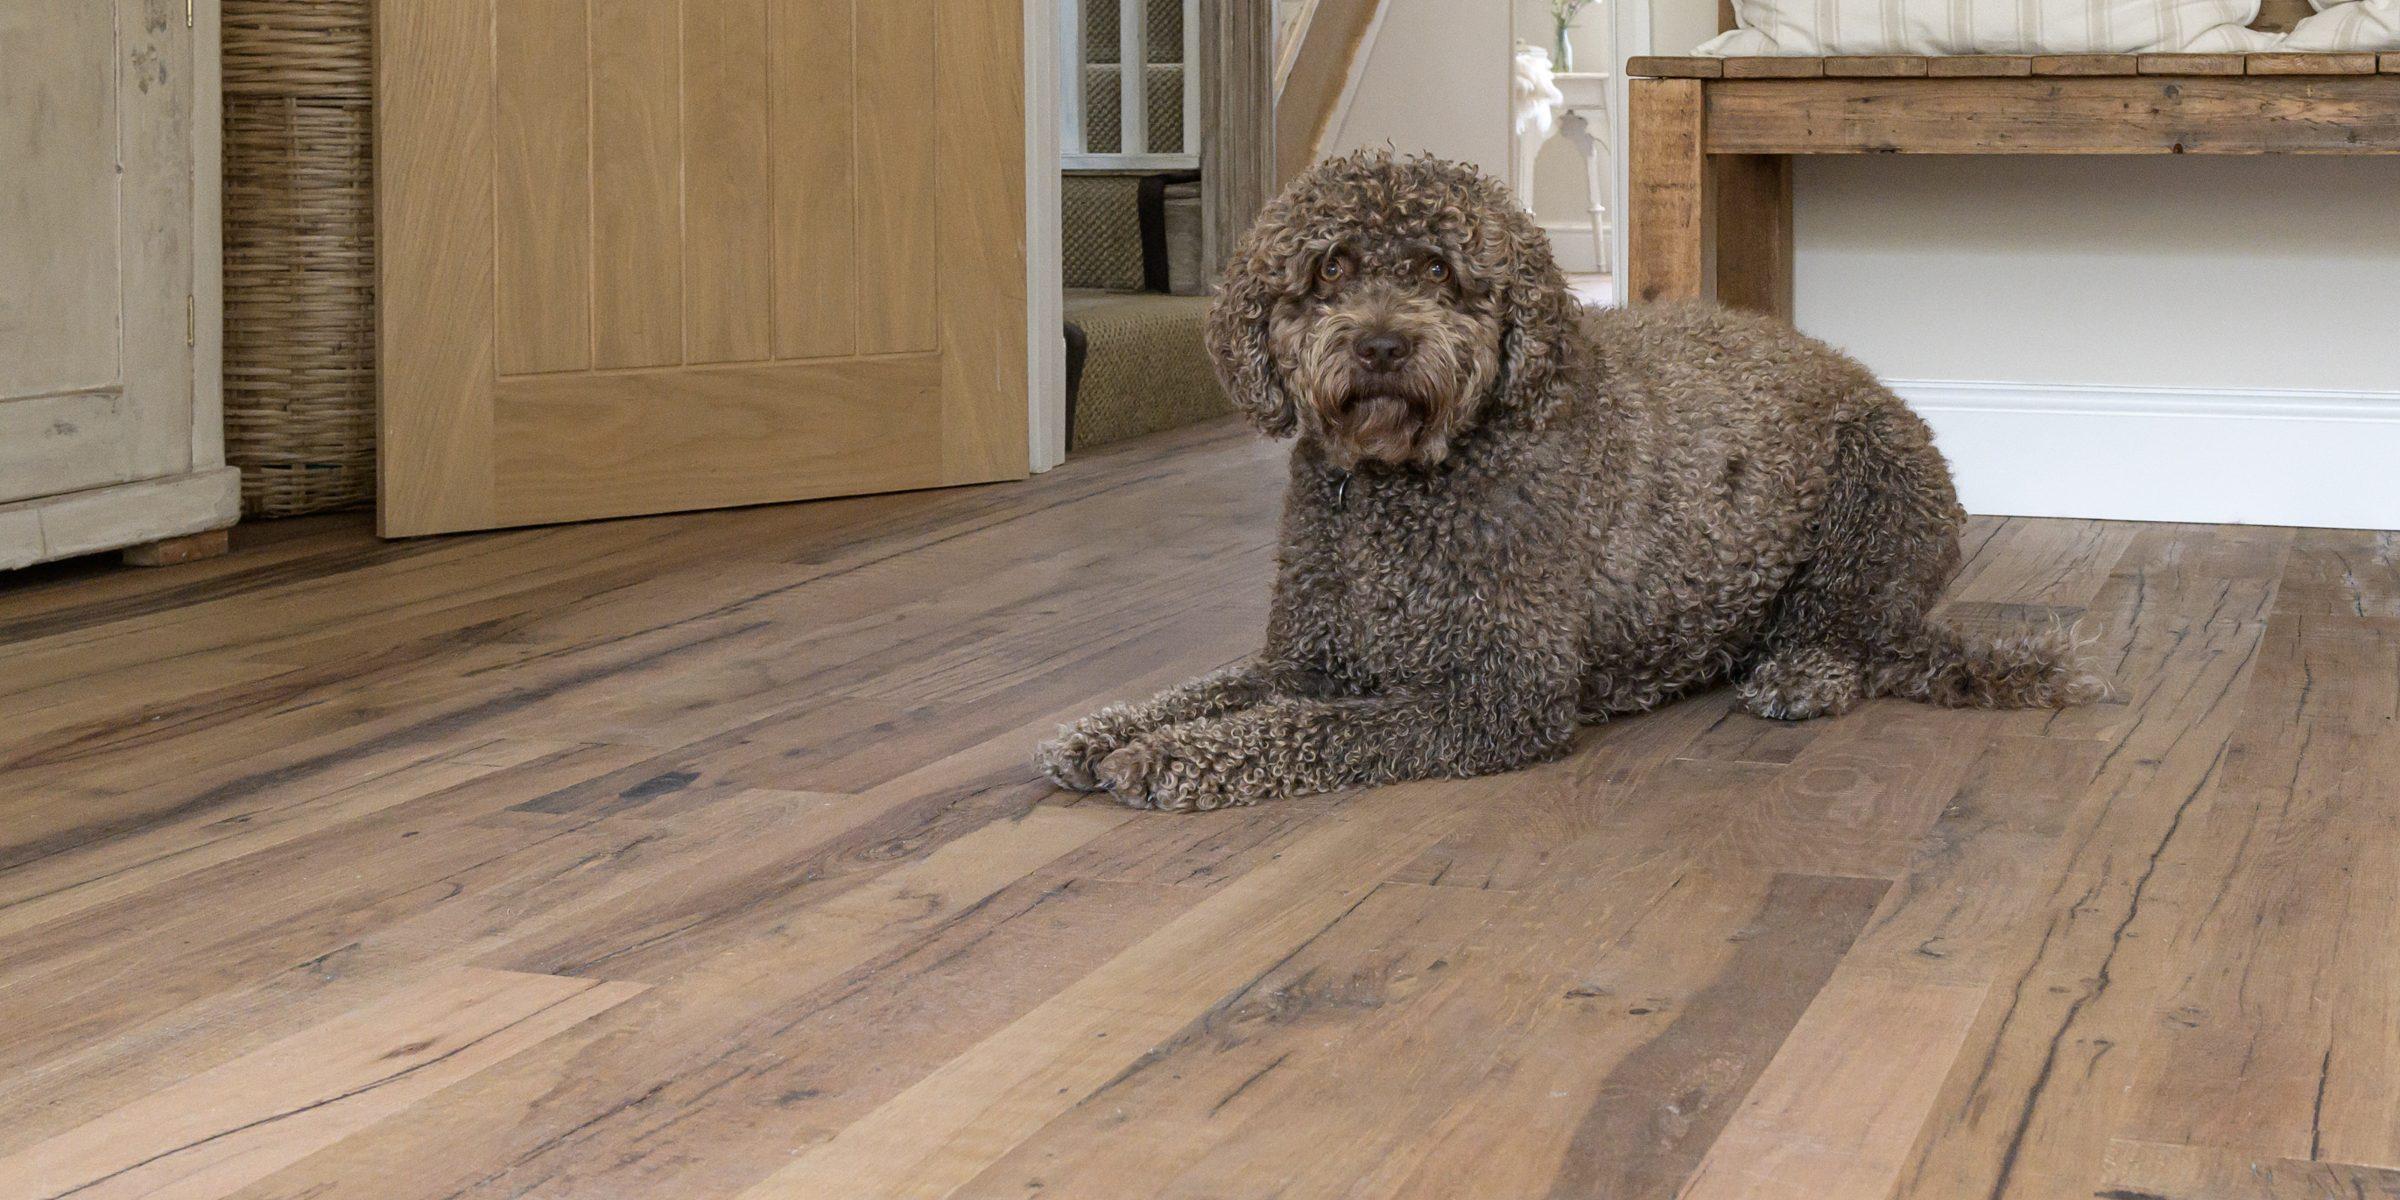 dog on reclaimed wood floors